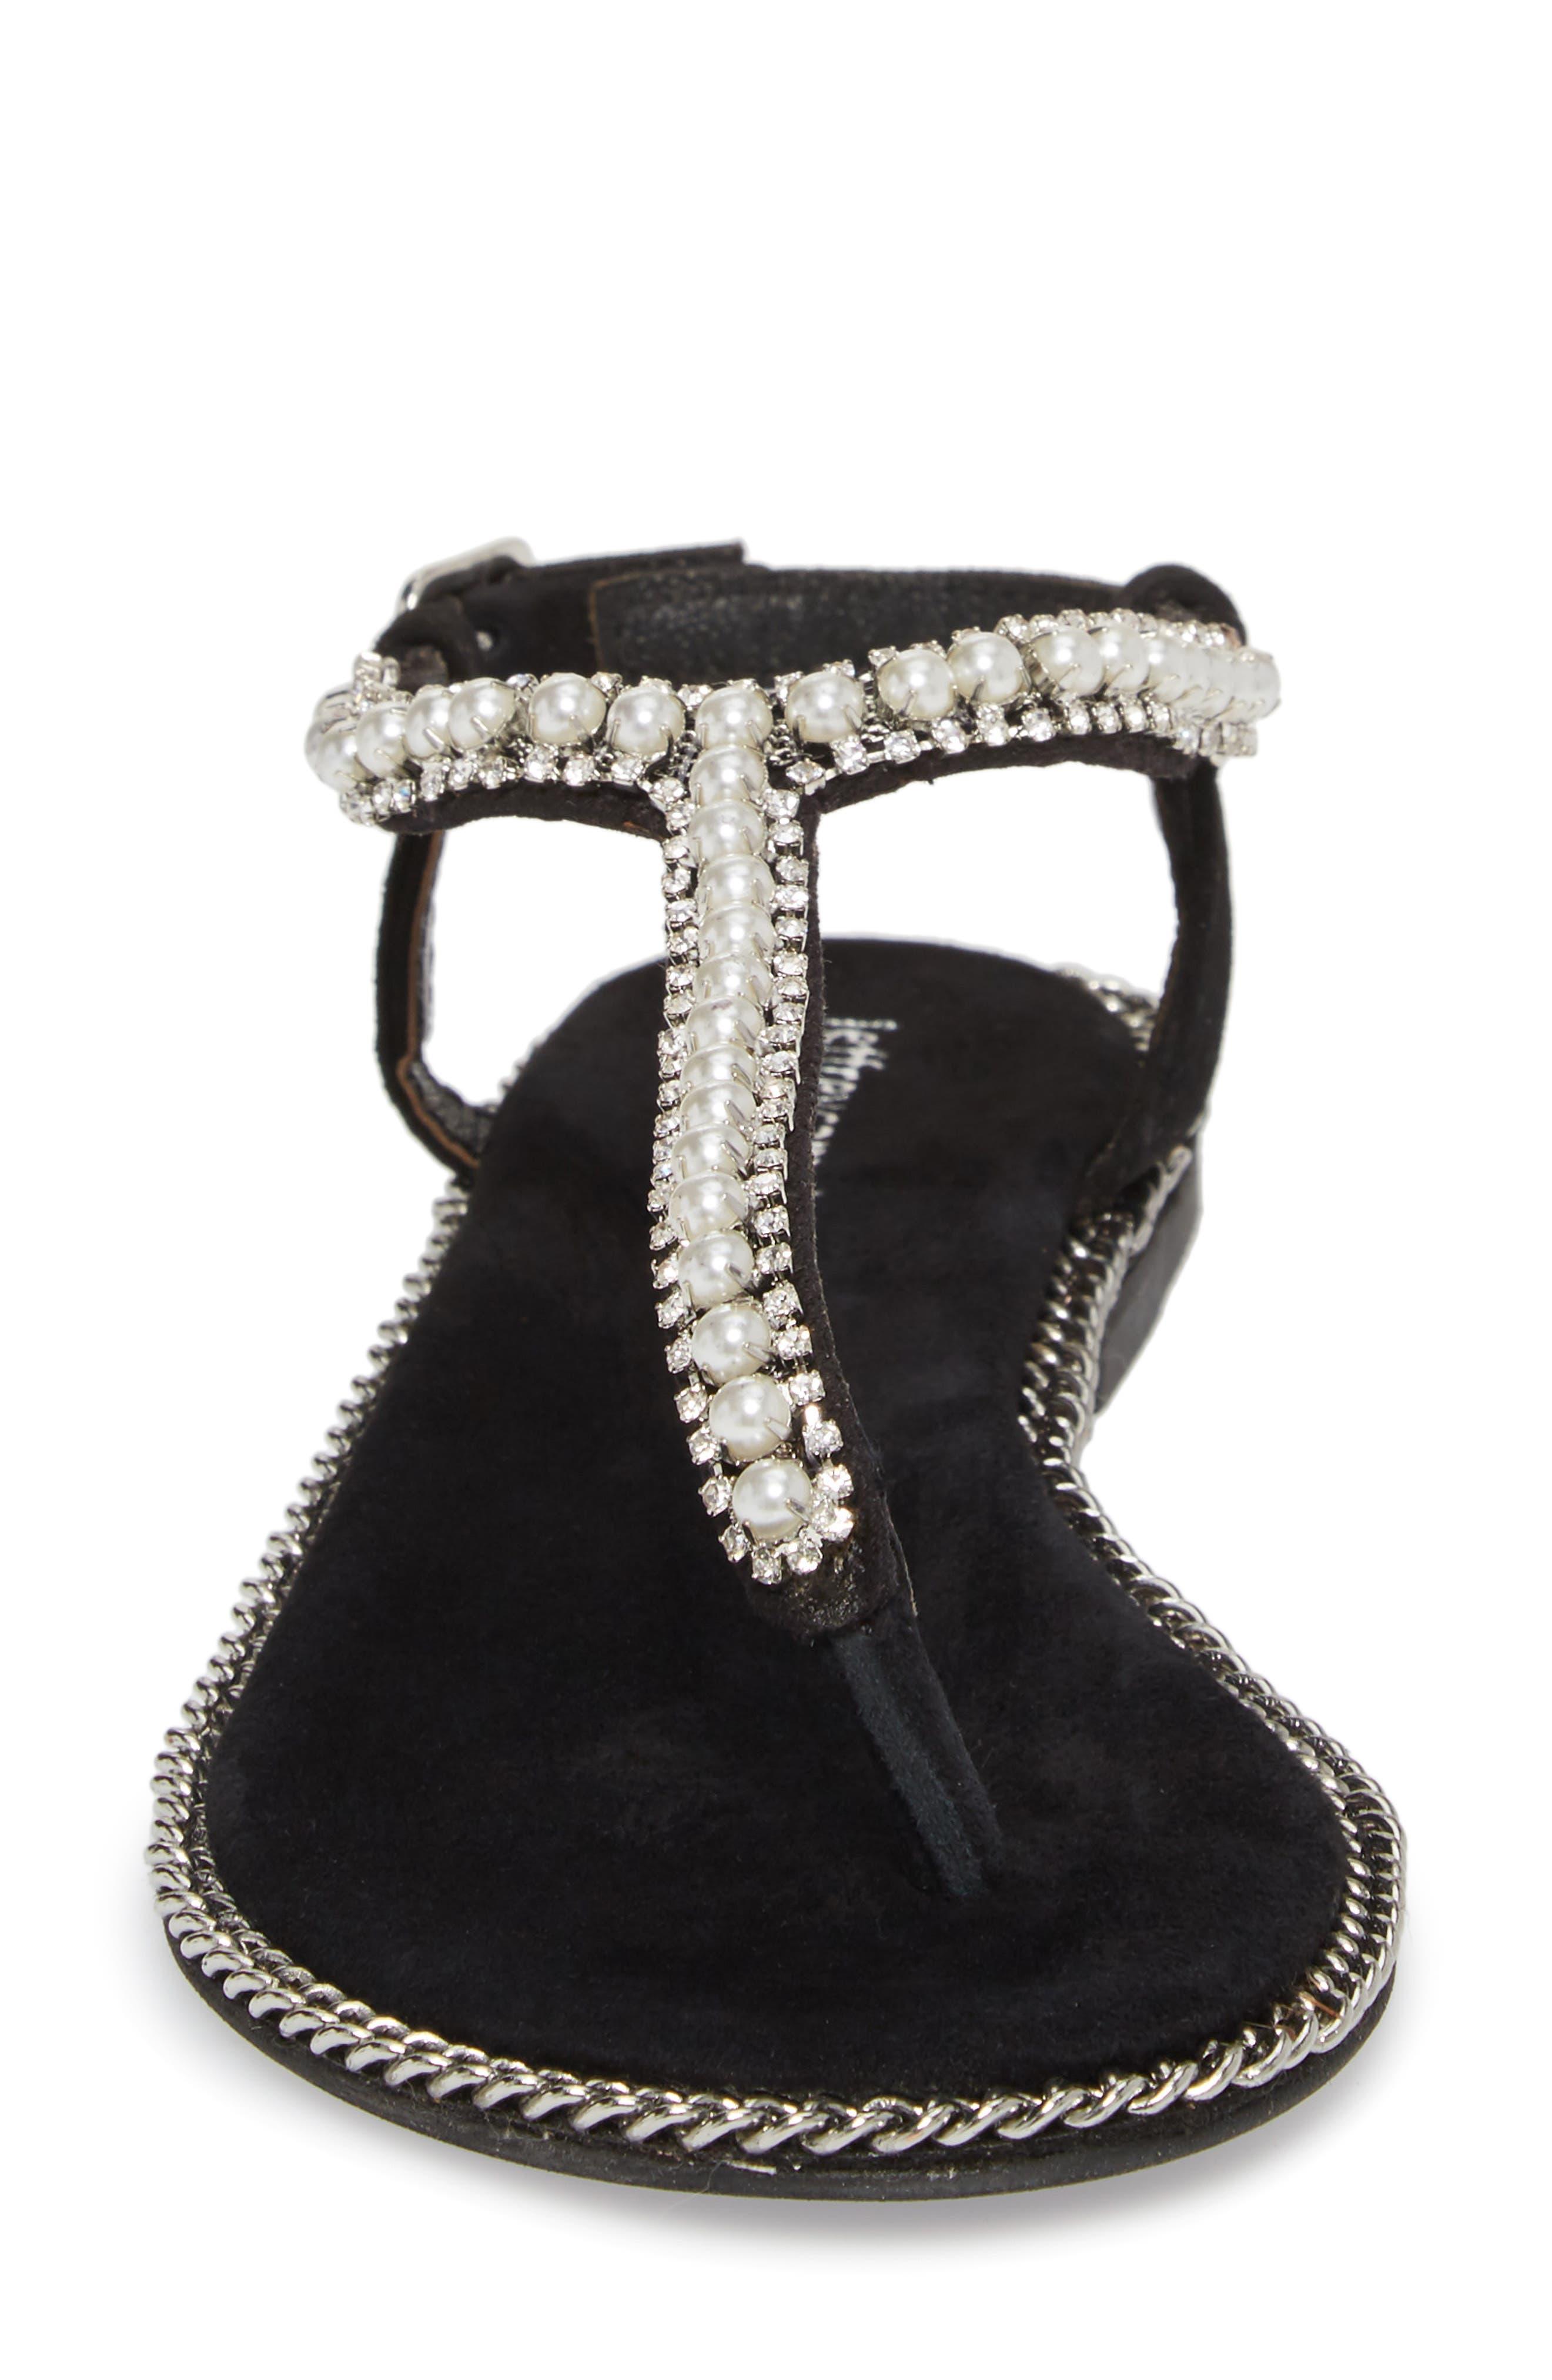 Embellished Ankle Strap Sandal,                             Alternate thumbnail 4, color,                             Black Suede